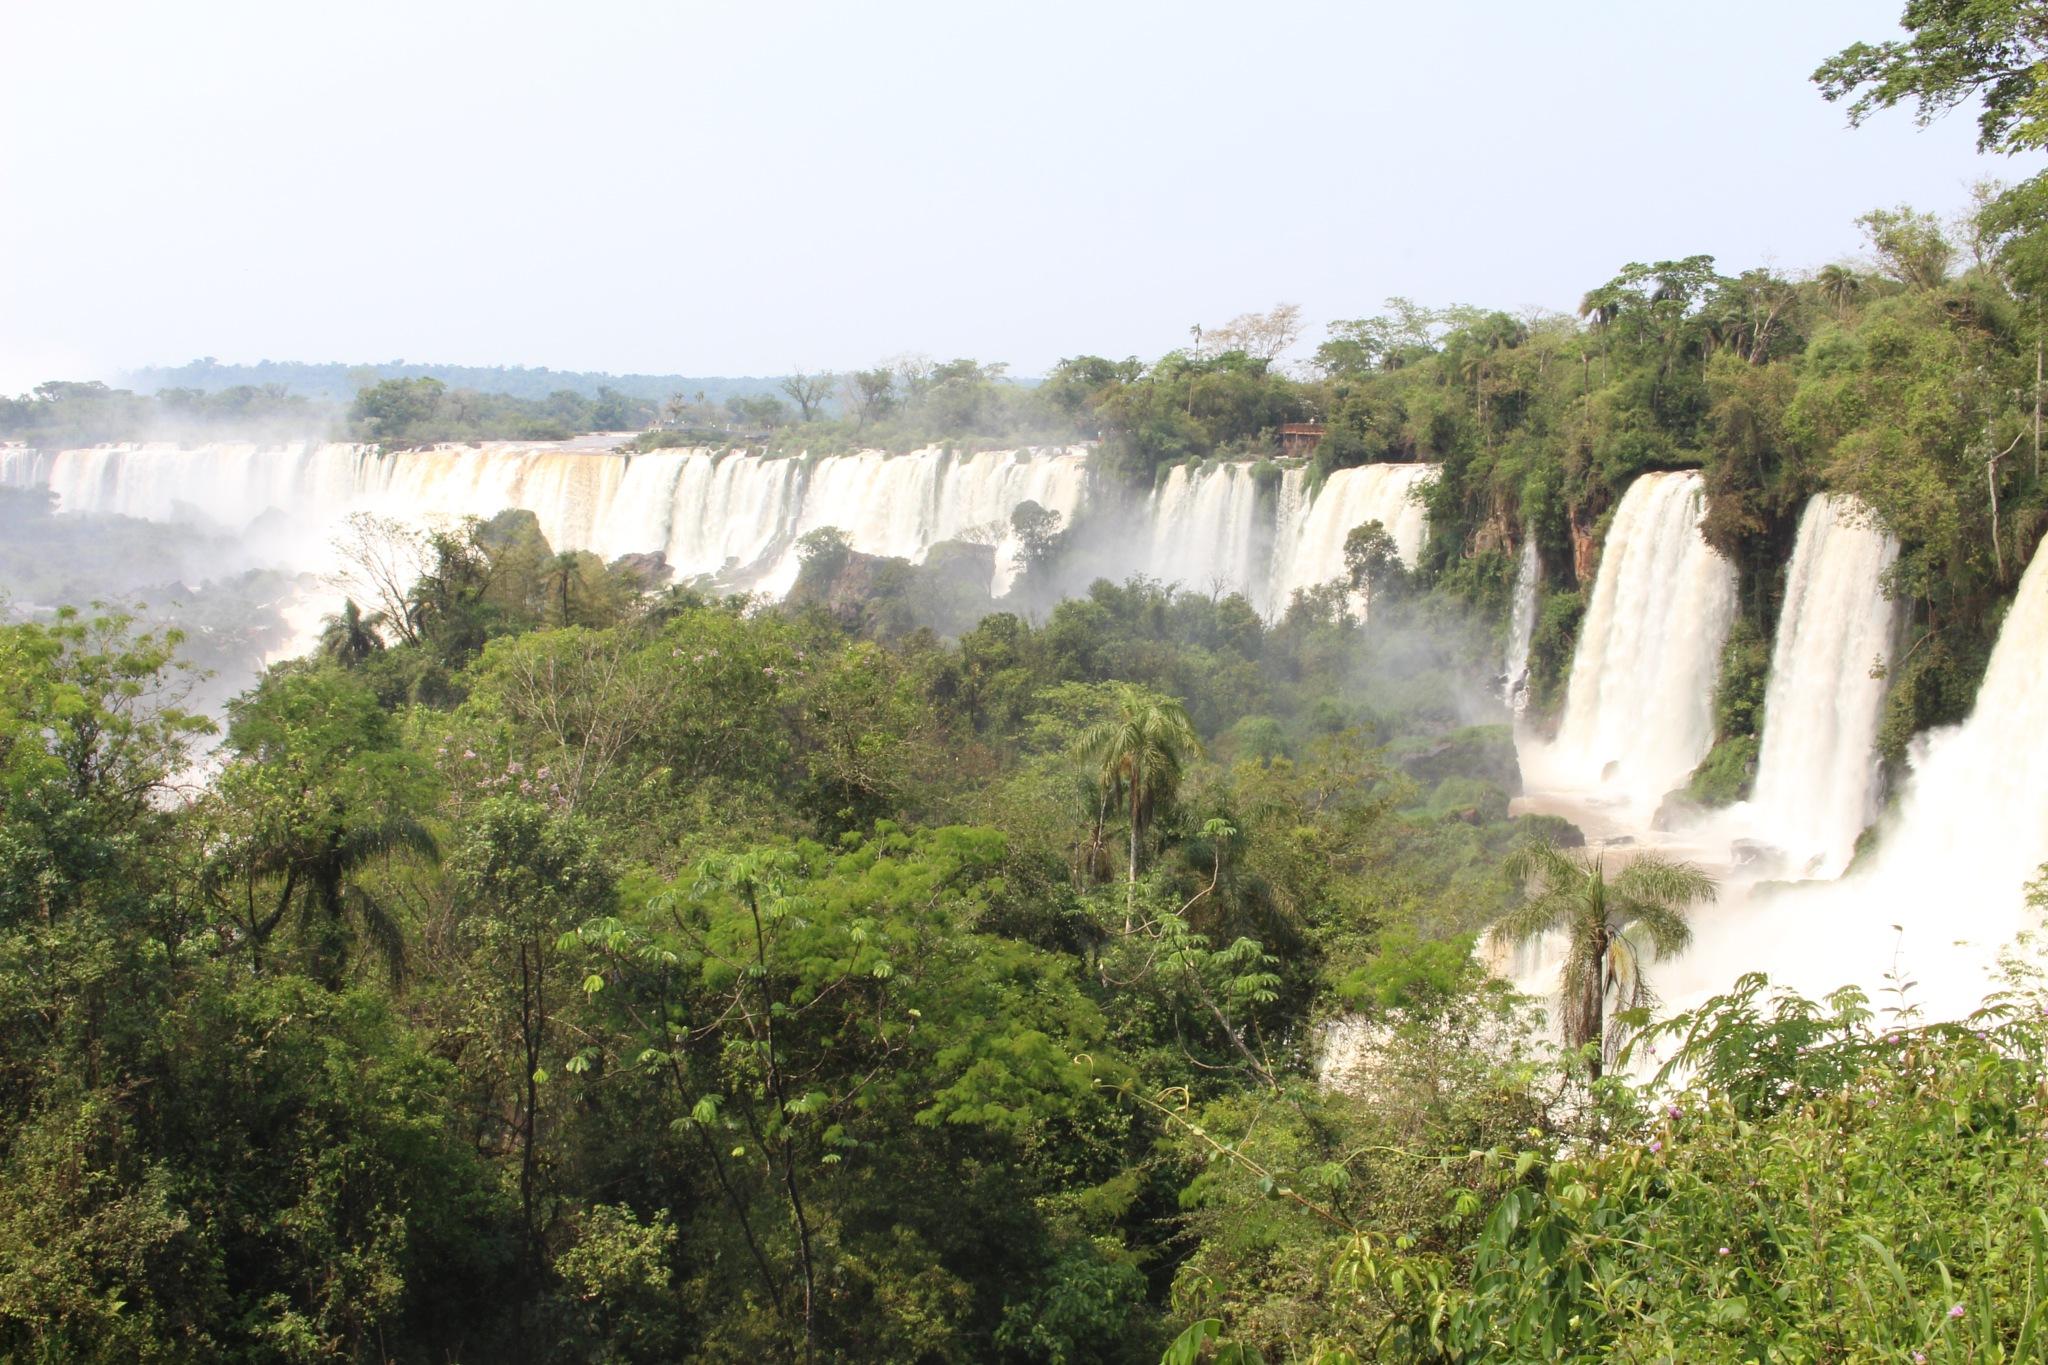 Cataratas del Iguazu by Rogerio Ferreira